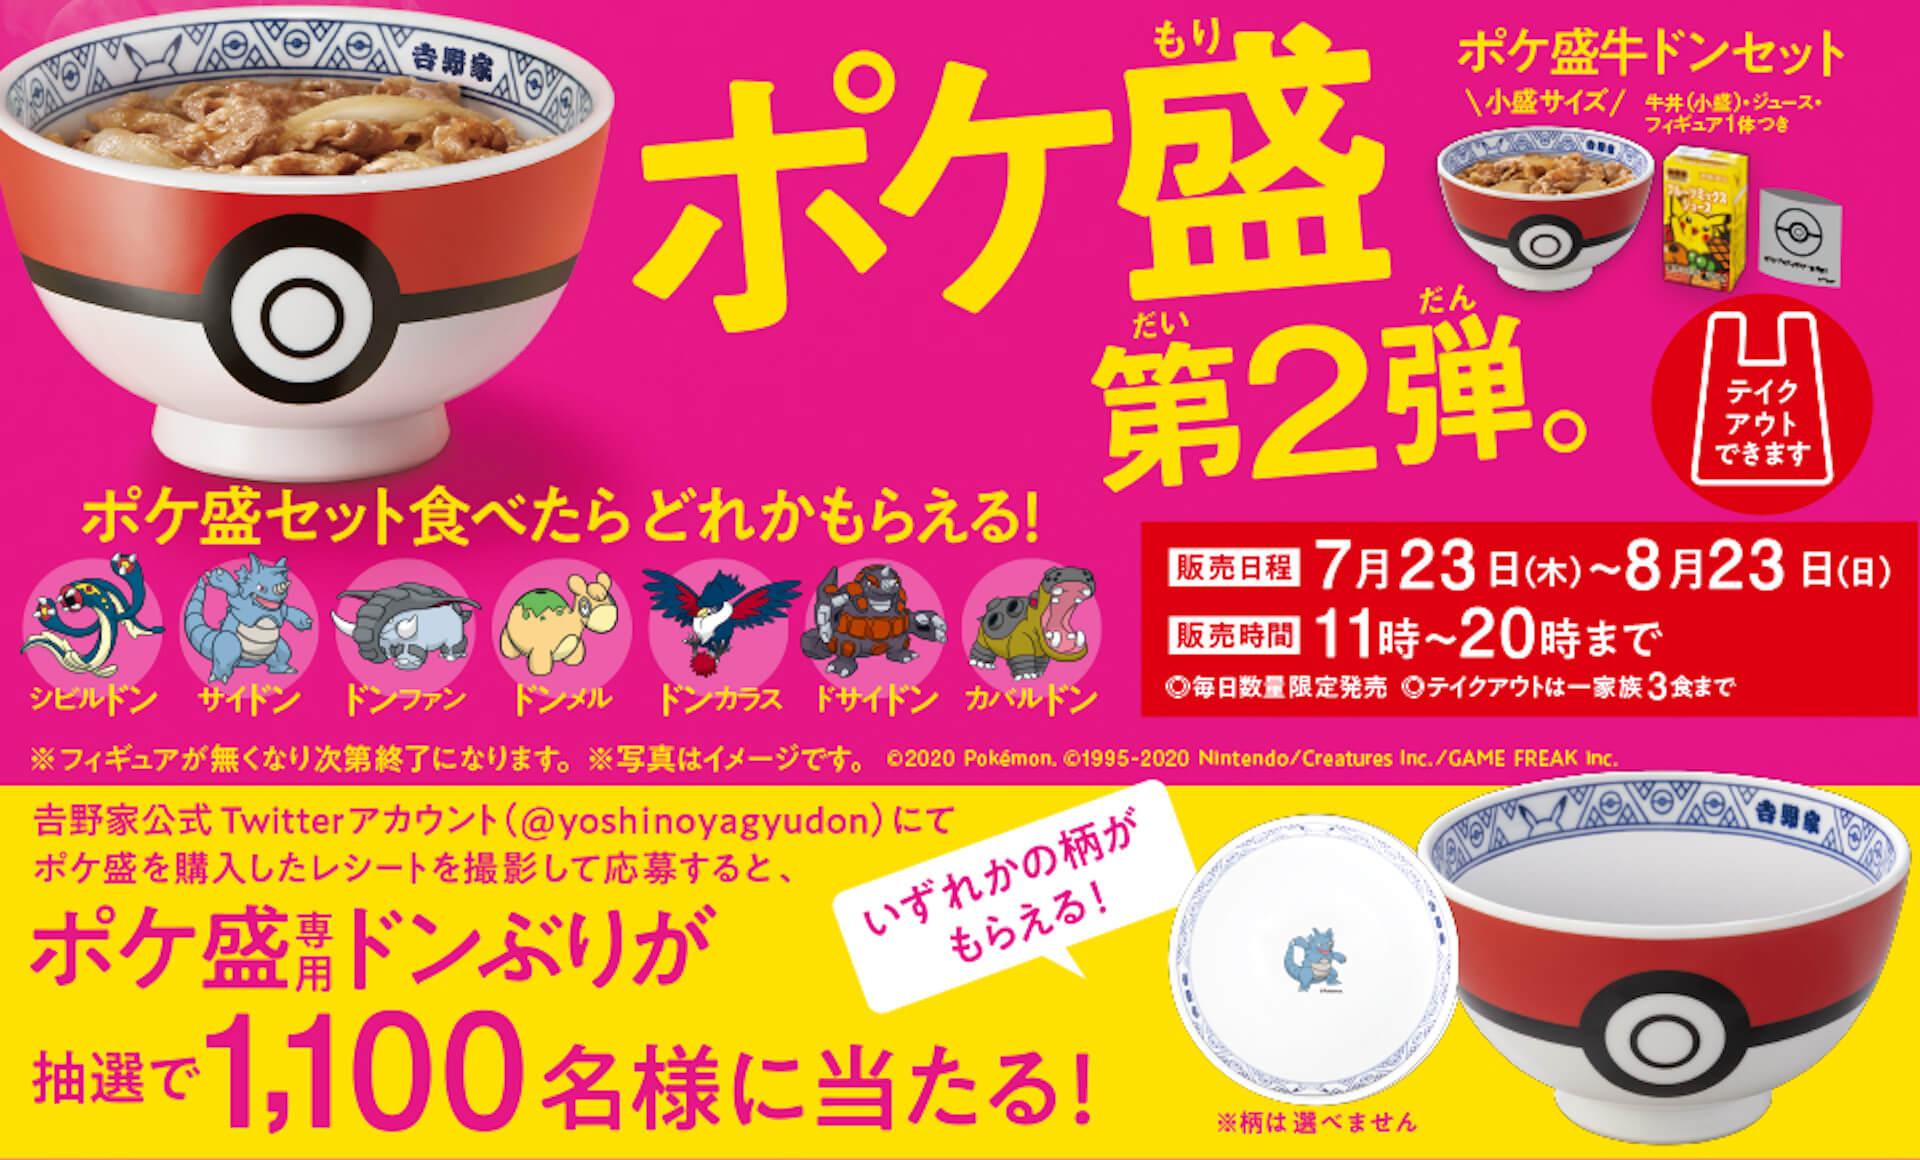 吉野家とポケットモンスターのコラボが再び!かわいい「ドン」つきポケモンのフィギュアがもらえる『ポケ盛り』第2弾の販売が決定 gourmet200716_pokemon_yoshinoya_5